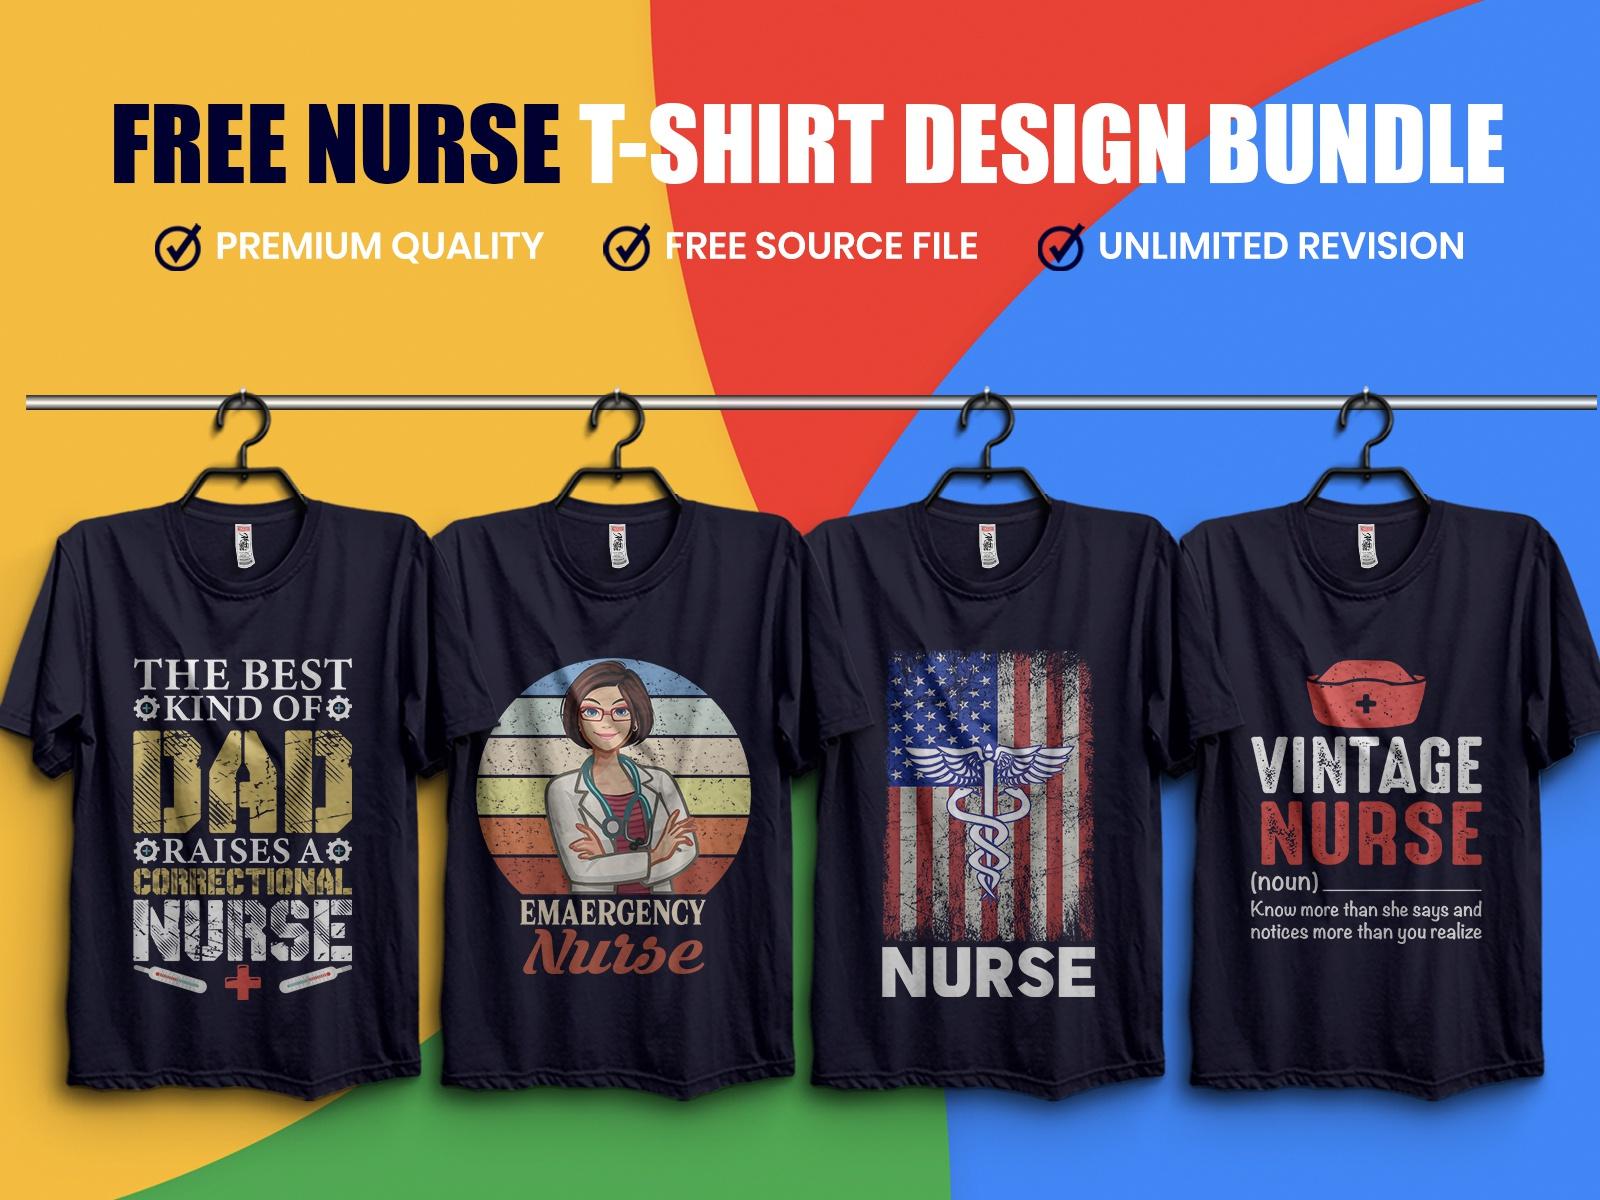 Nurse T-Shirt Design Bundle Free Download - UpLabs